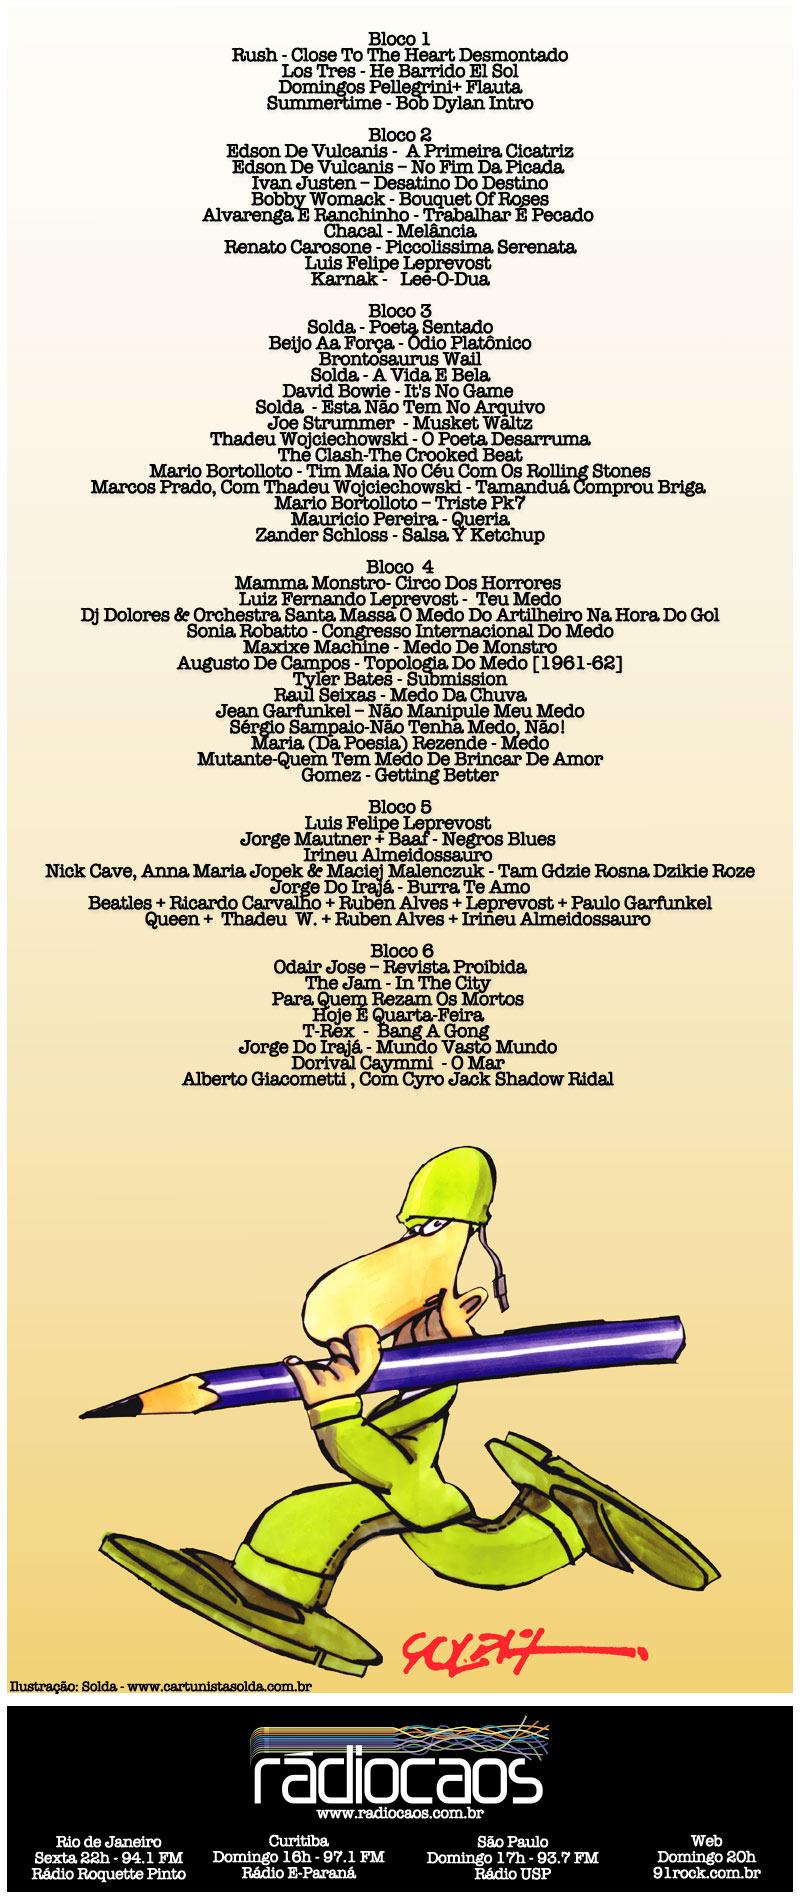 mailcaos-14-12-2012